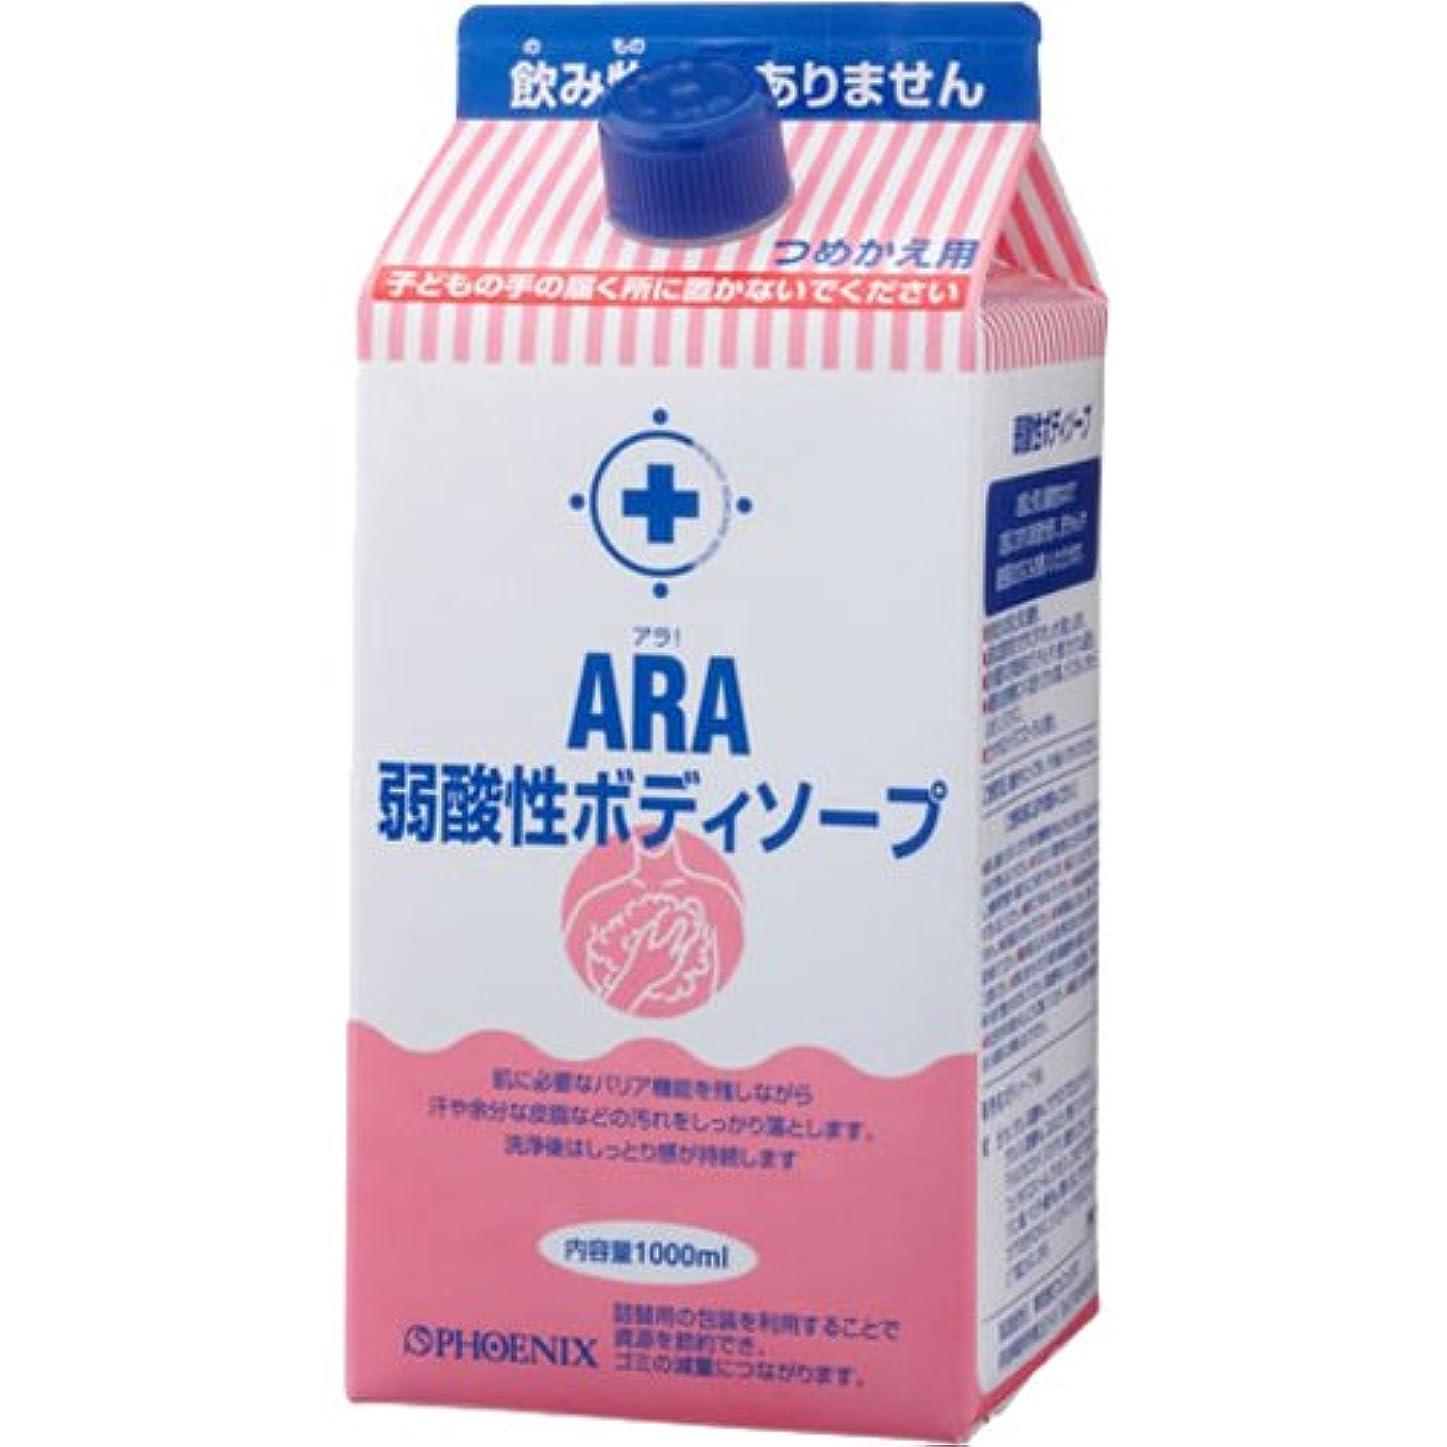 分数ソート幼児ARA 弱酸性ボディソープ (詰替え用) 1000ml×12入り